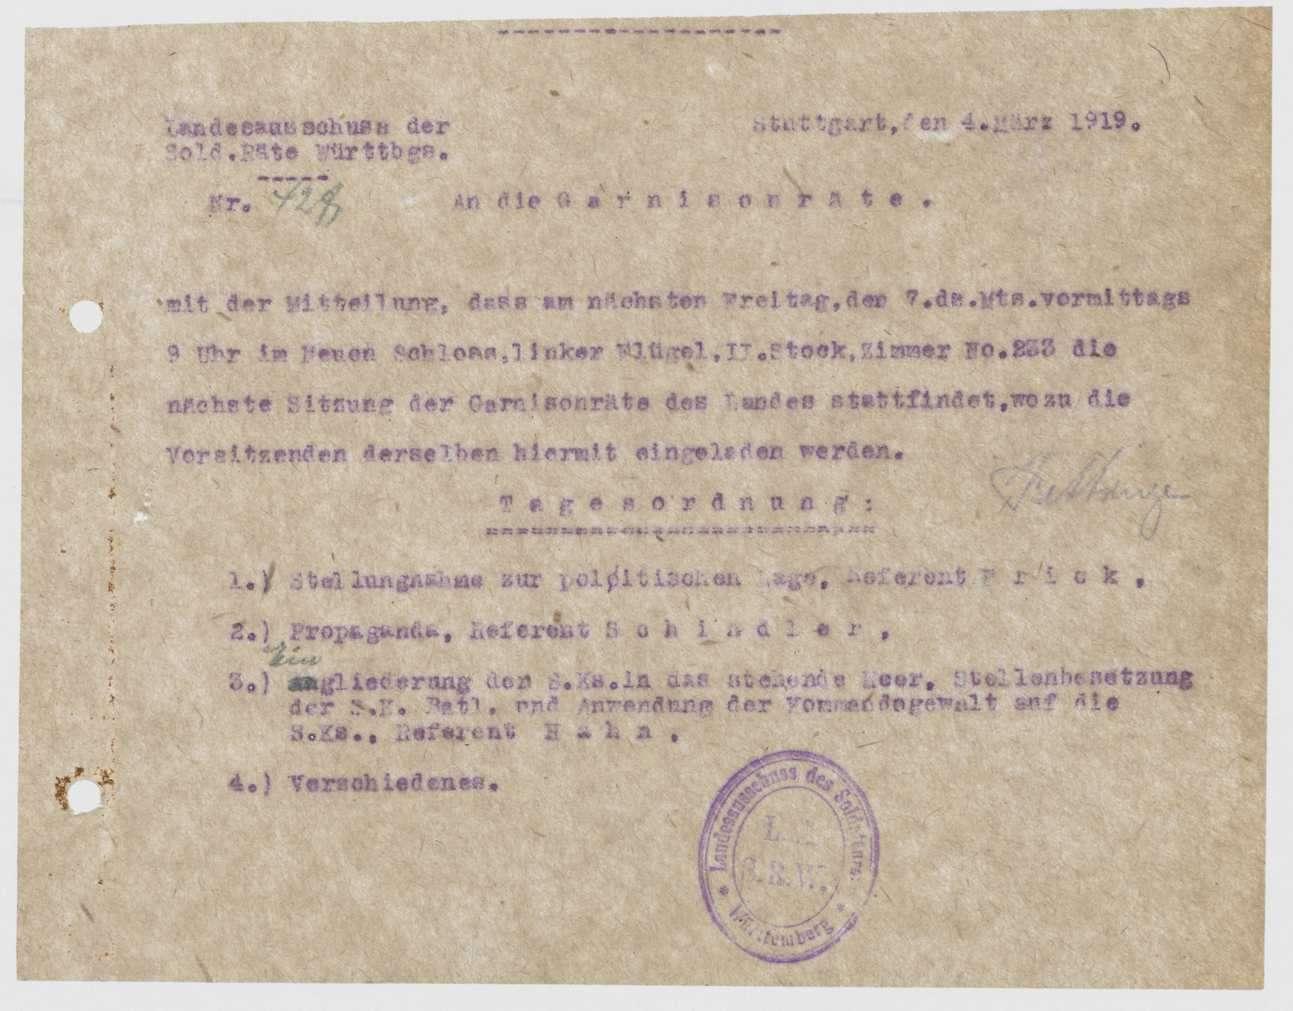 Ankündigung einer Sitzung der Garnisonräte durch den Landesausschuss der Soldatenräte mit Tagesordnung, Bild 1